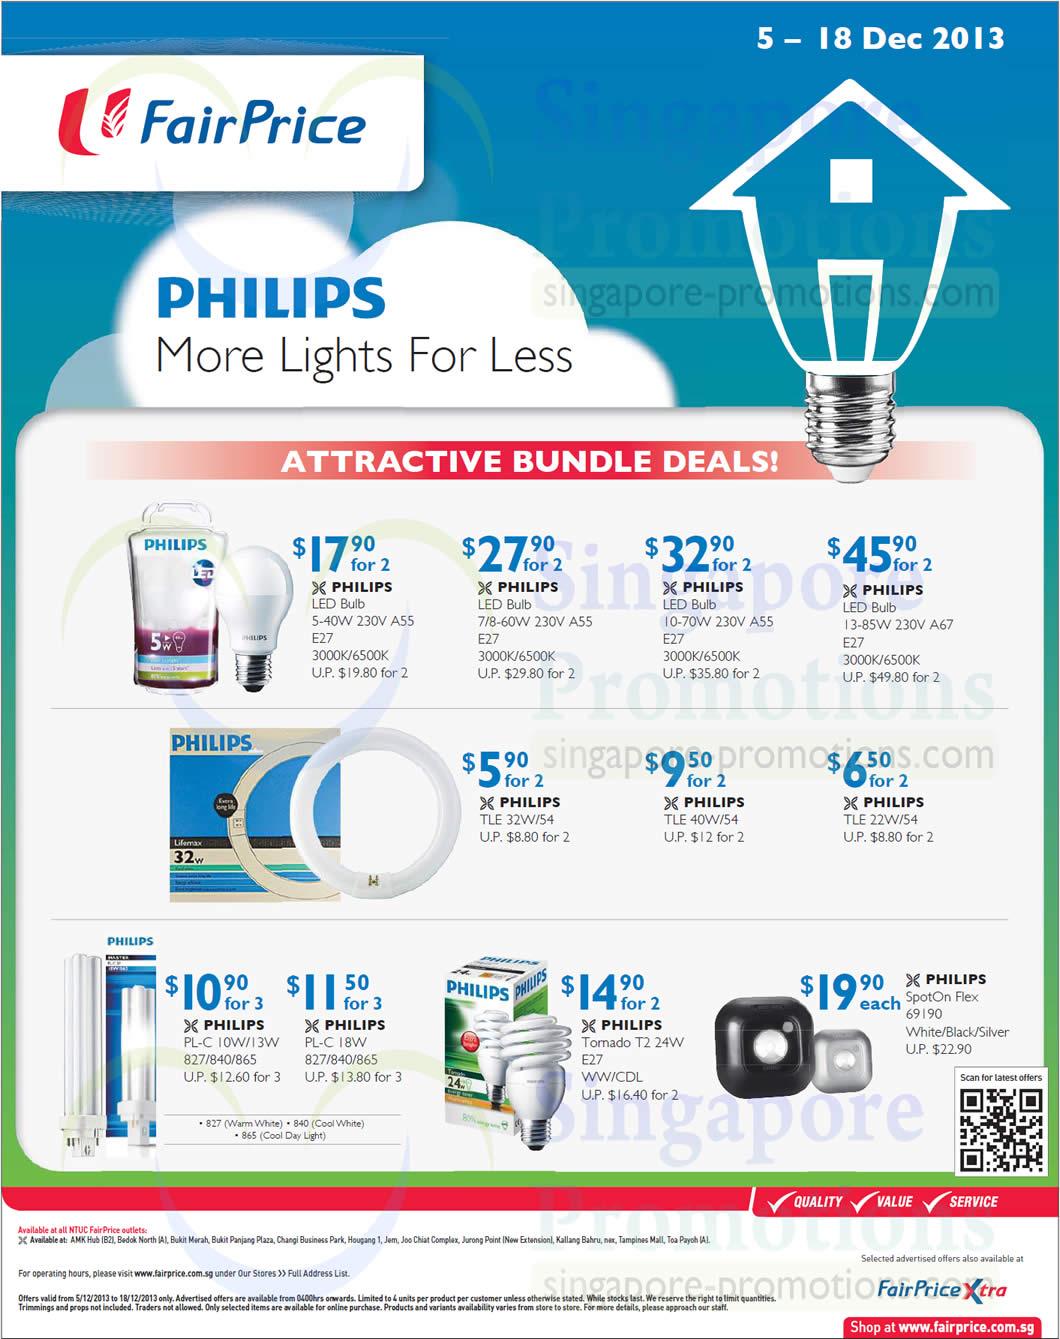 Philips LED Bulbs, Other Bulbs, Bundle Deals